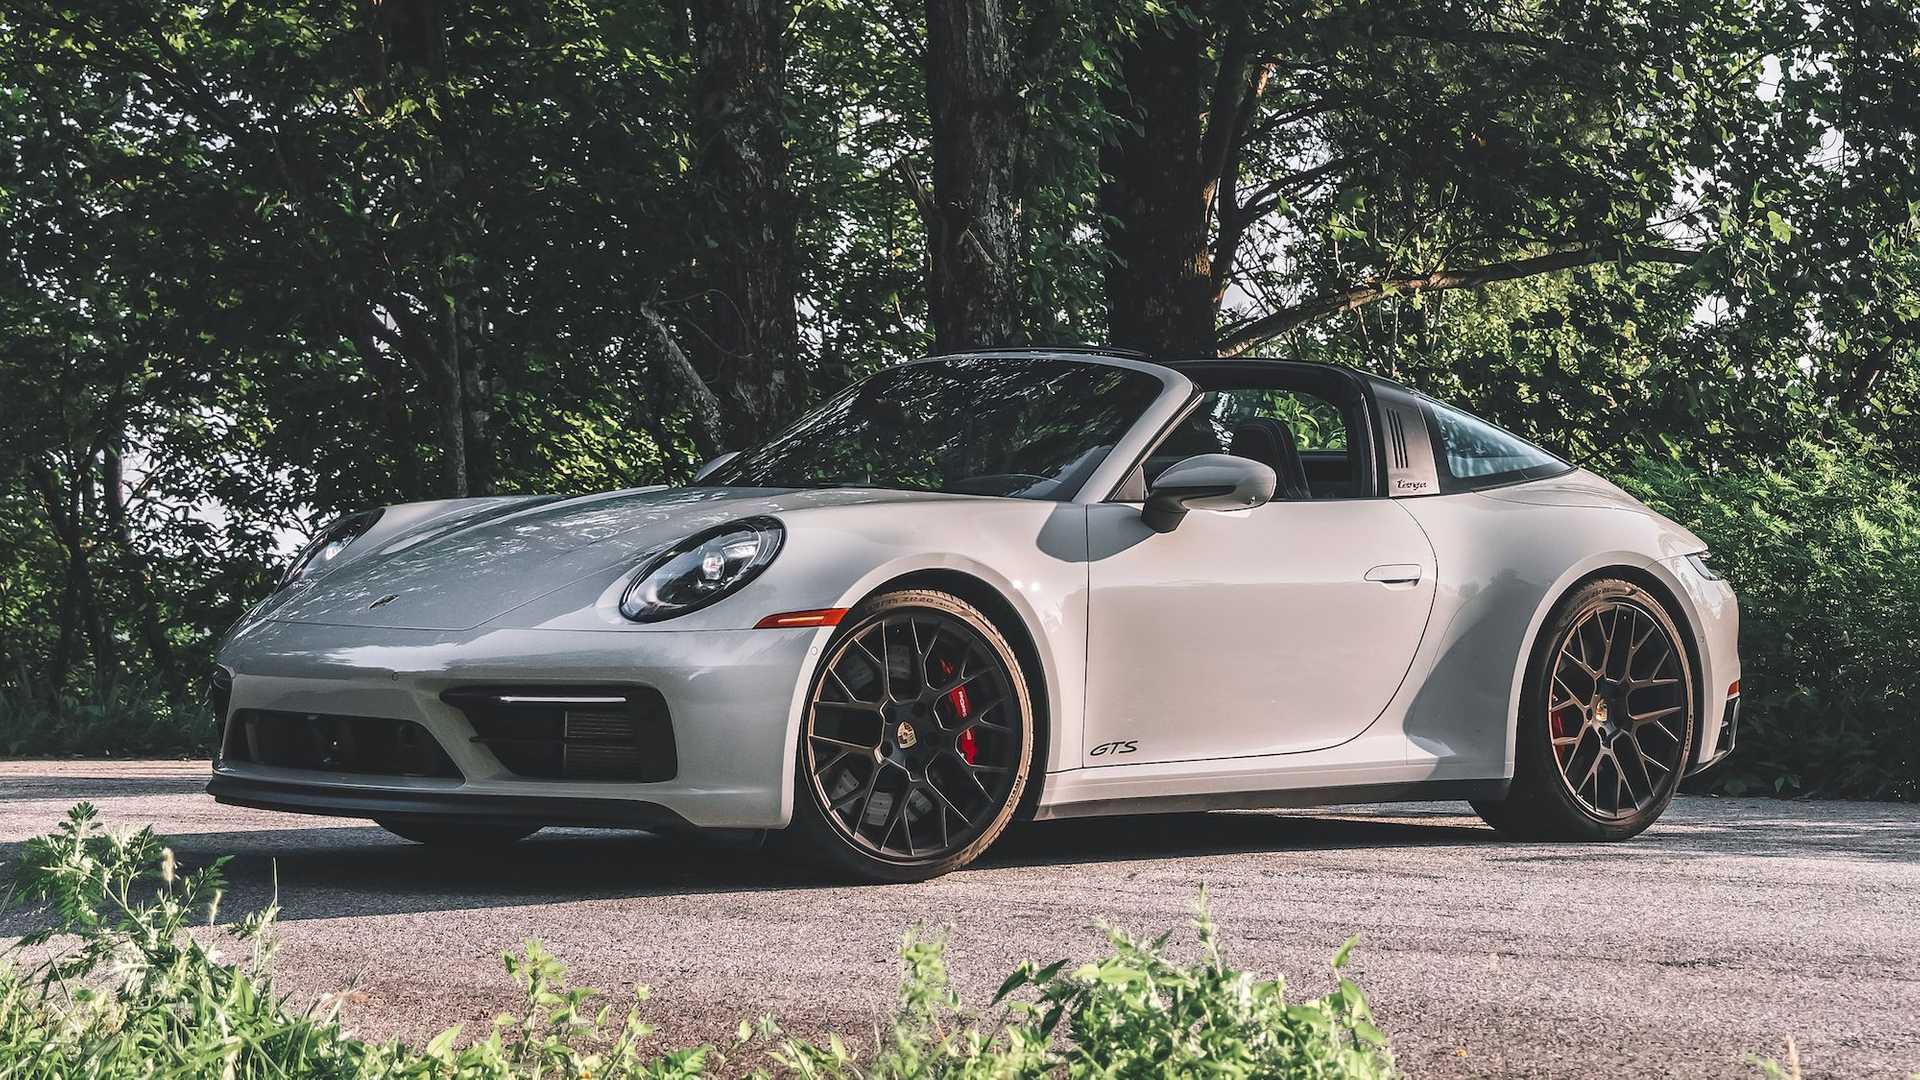 介于Carrera S和Turbo S之间,全新保时捷911 GTS大量实拍图发布